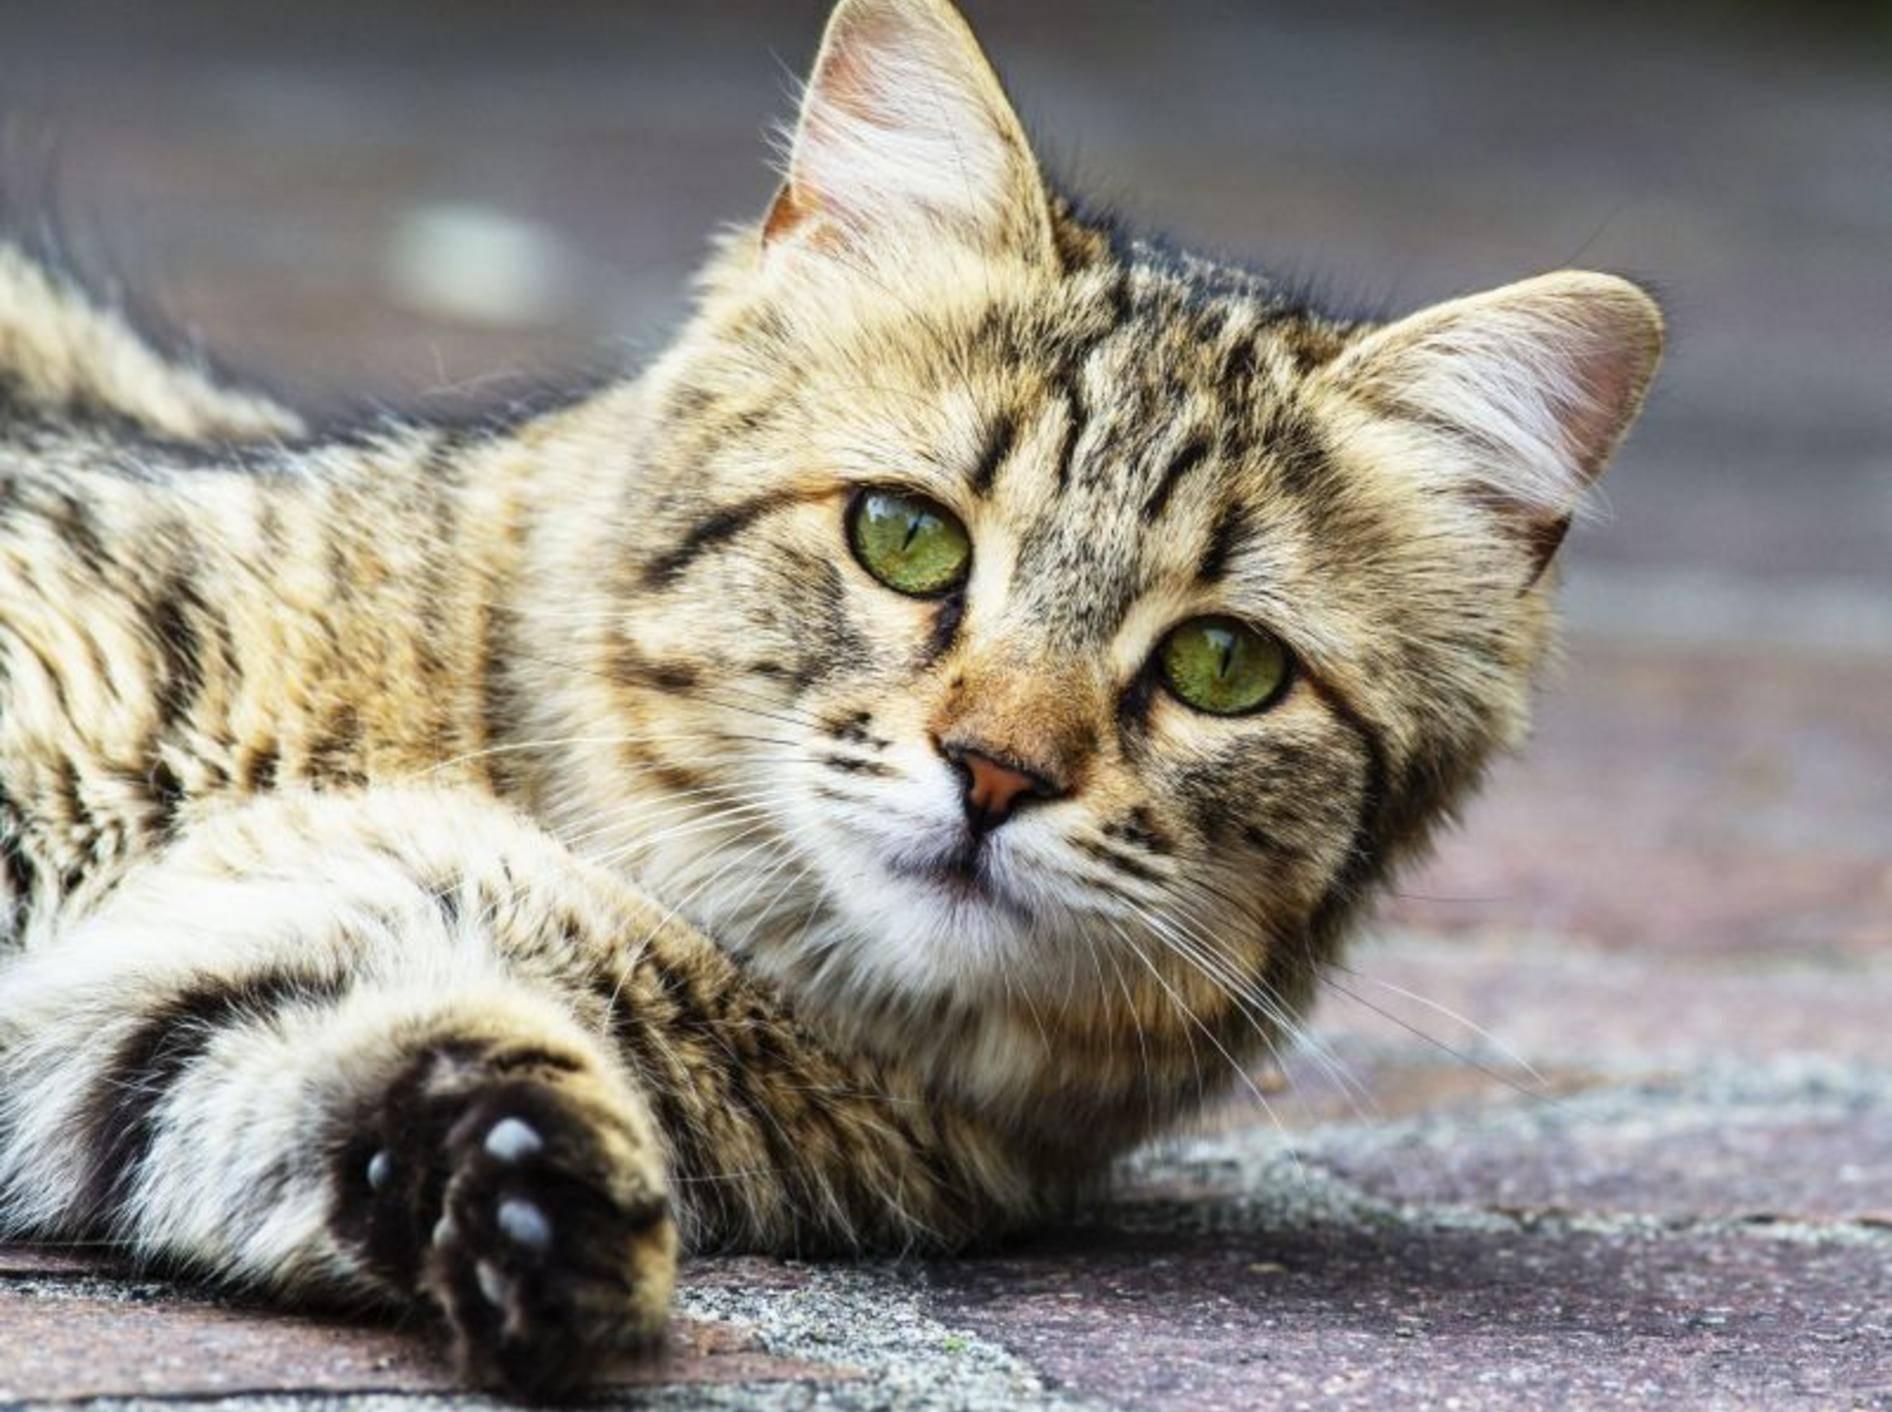 Spezielle Bachblüten für Katzen erhalten Sie Online und beim Tierarzt — Bild: Shutterstock / LEONARDO VITI